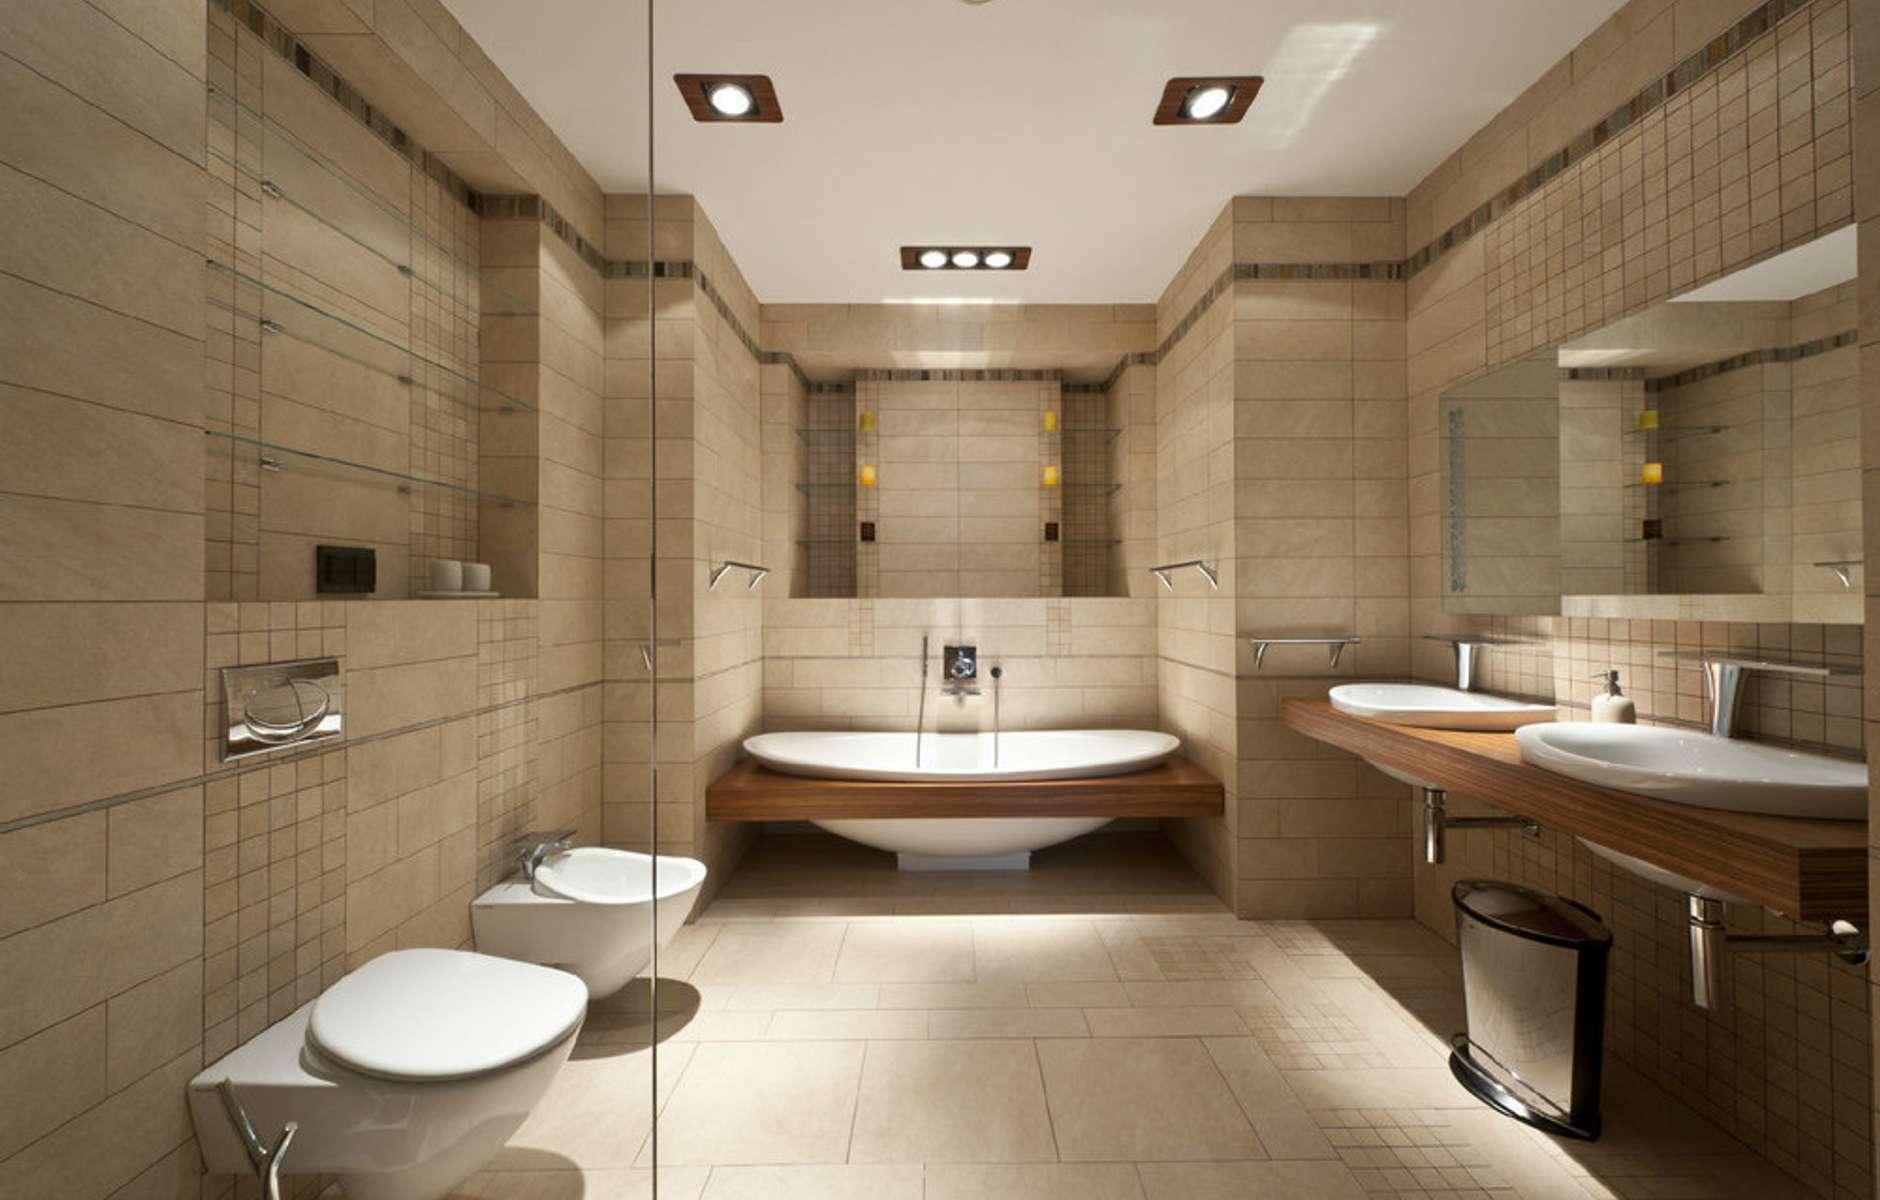 Ванная комната с санузлом в картинках